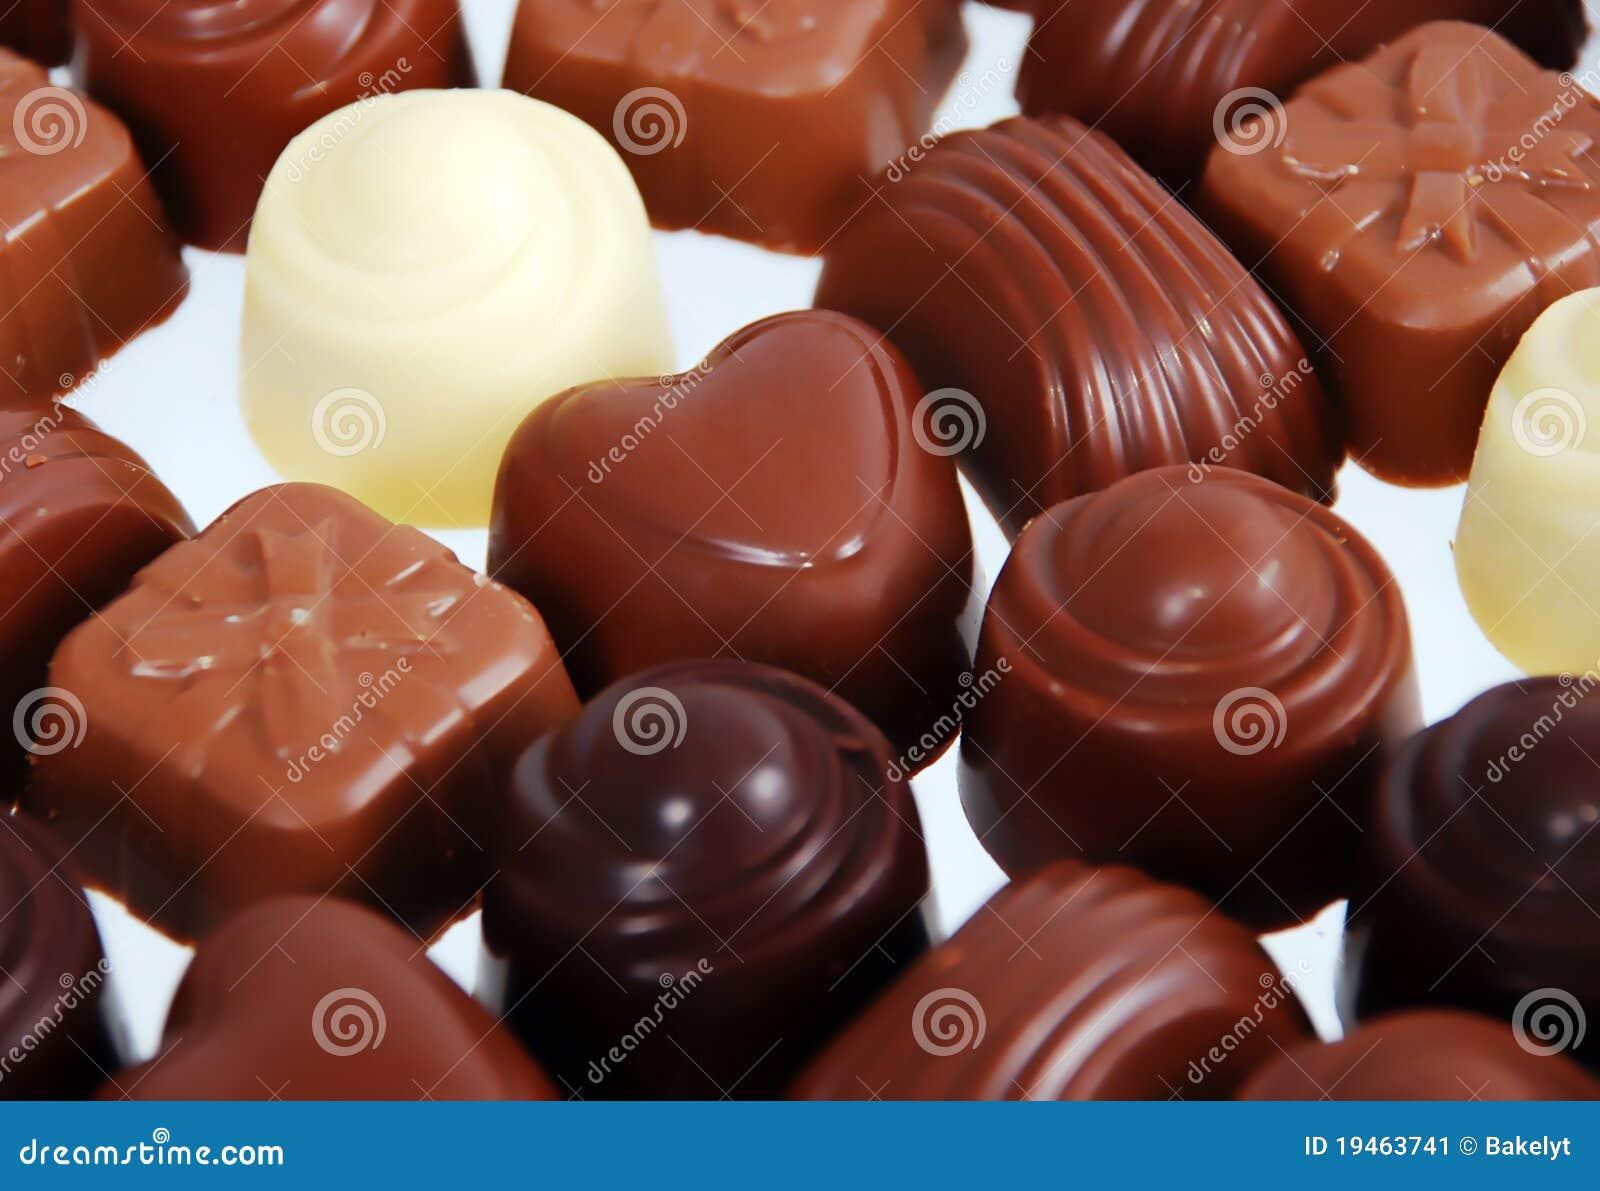 Chocolate Bon Bons Stock Image - Image: 19463741